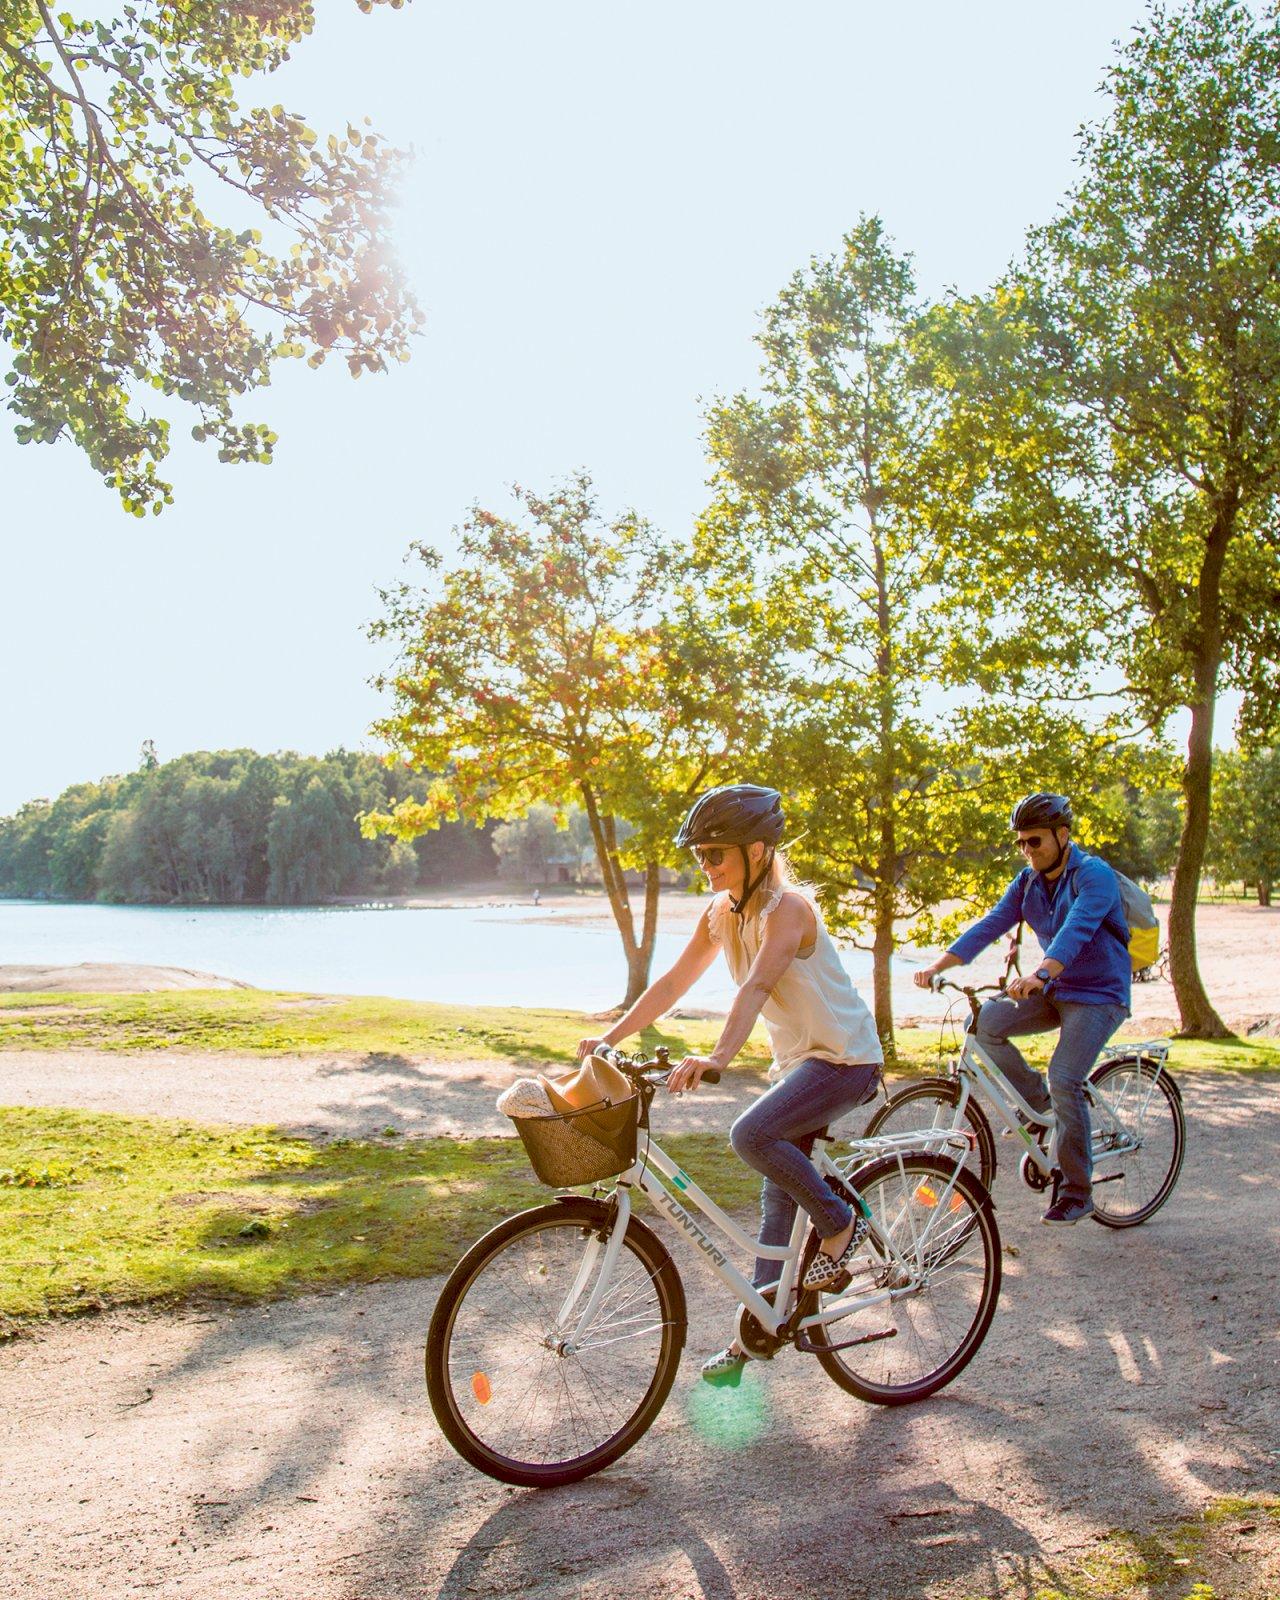 Mies ja nainen pyöräilevät Ruissalon kansanpuiston hiekkatiellä.